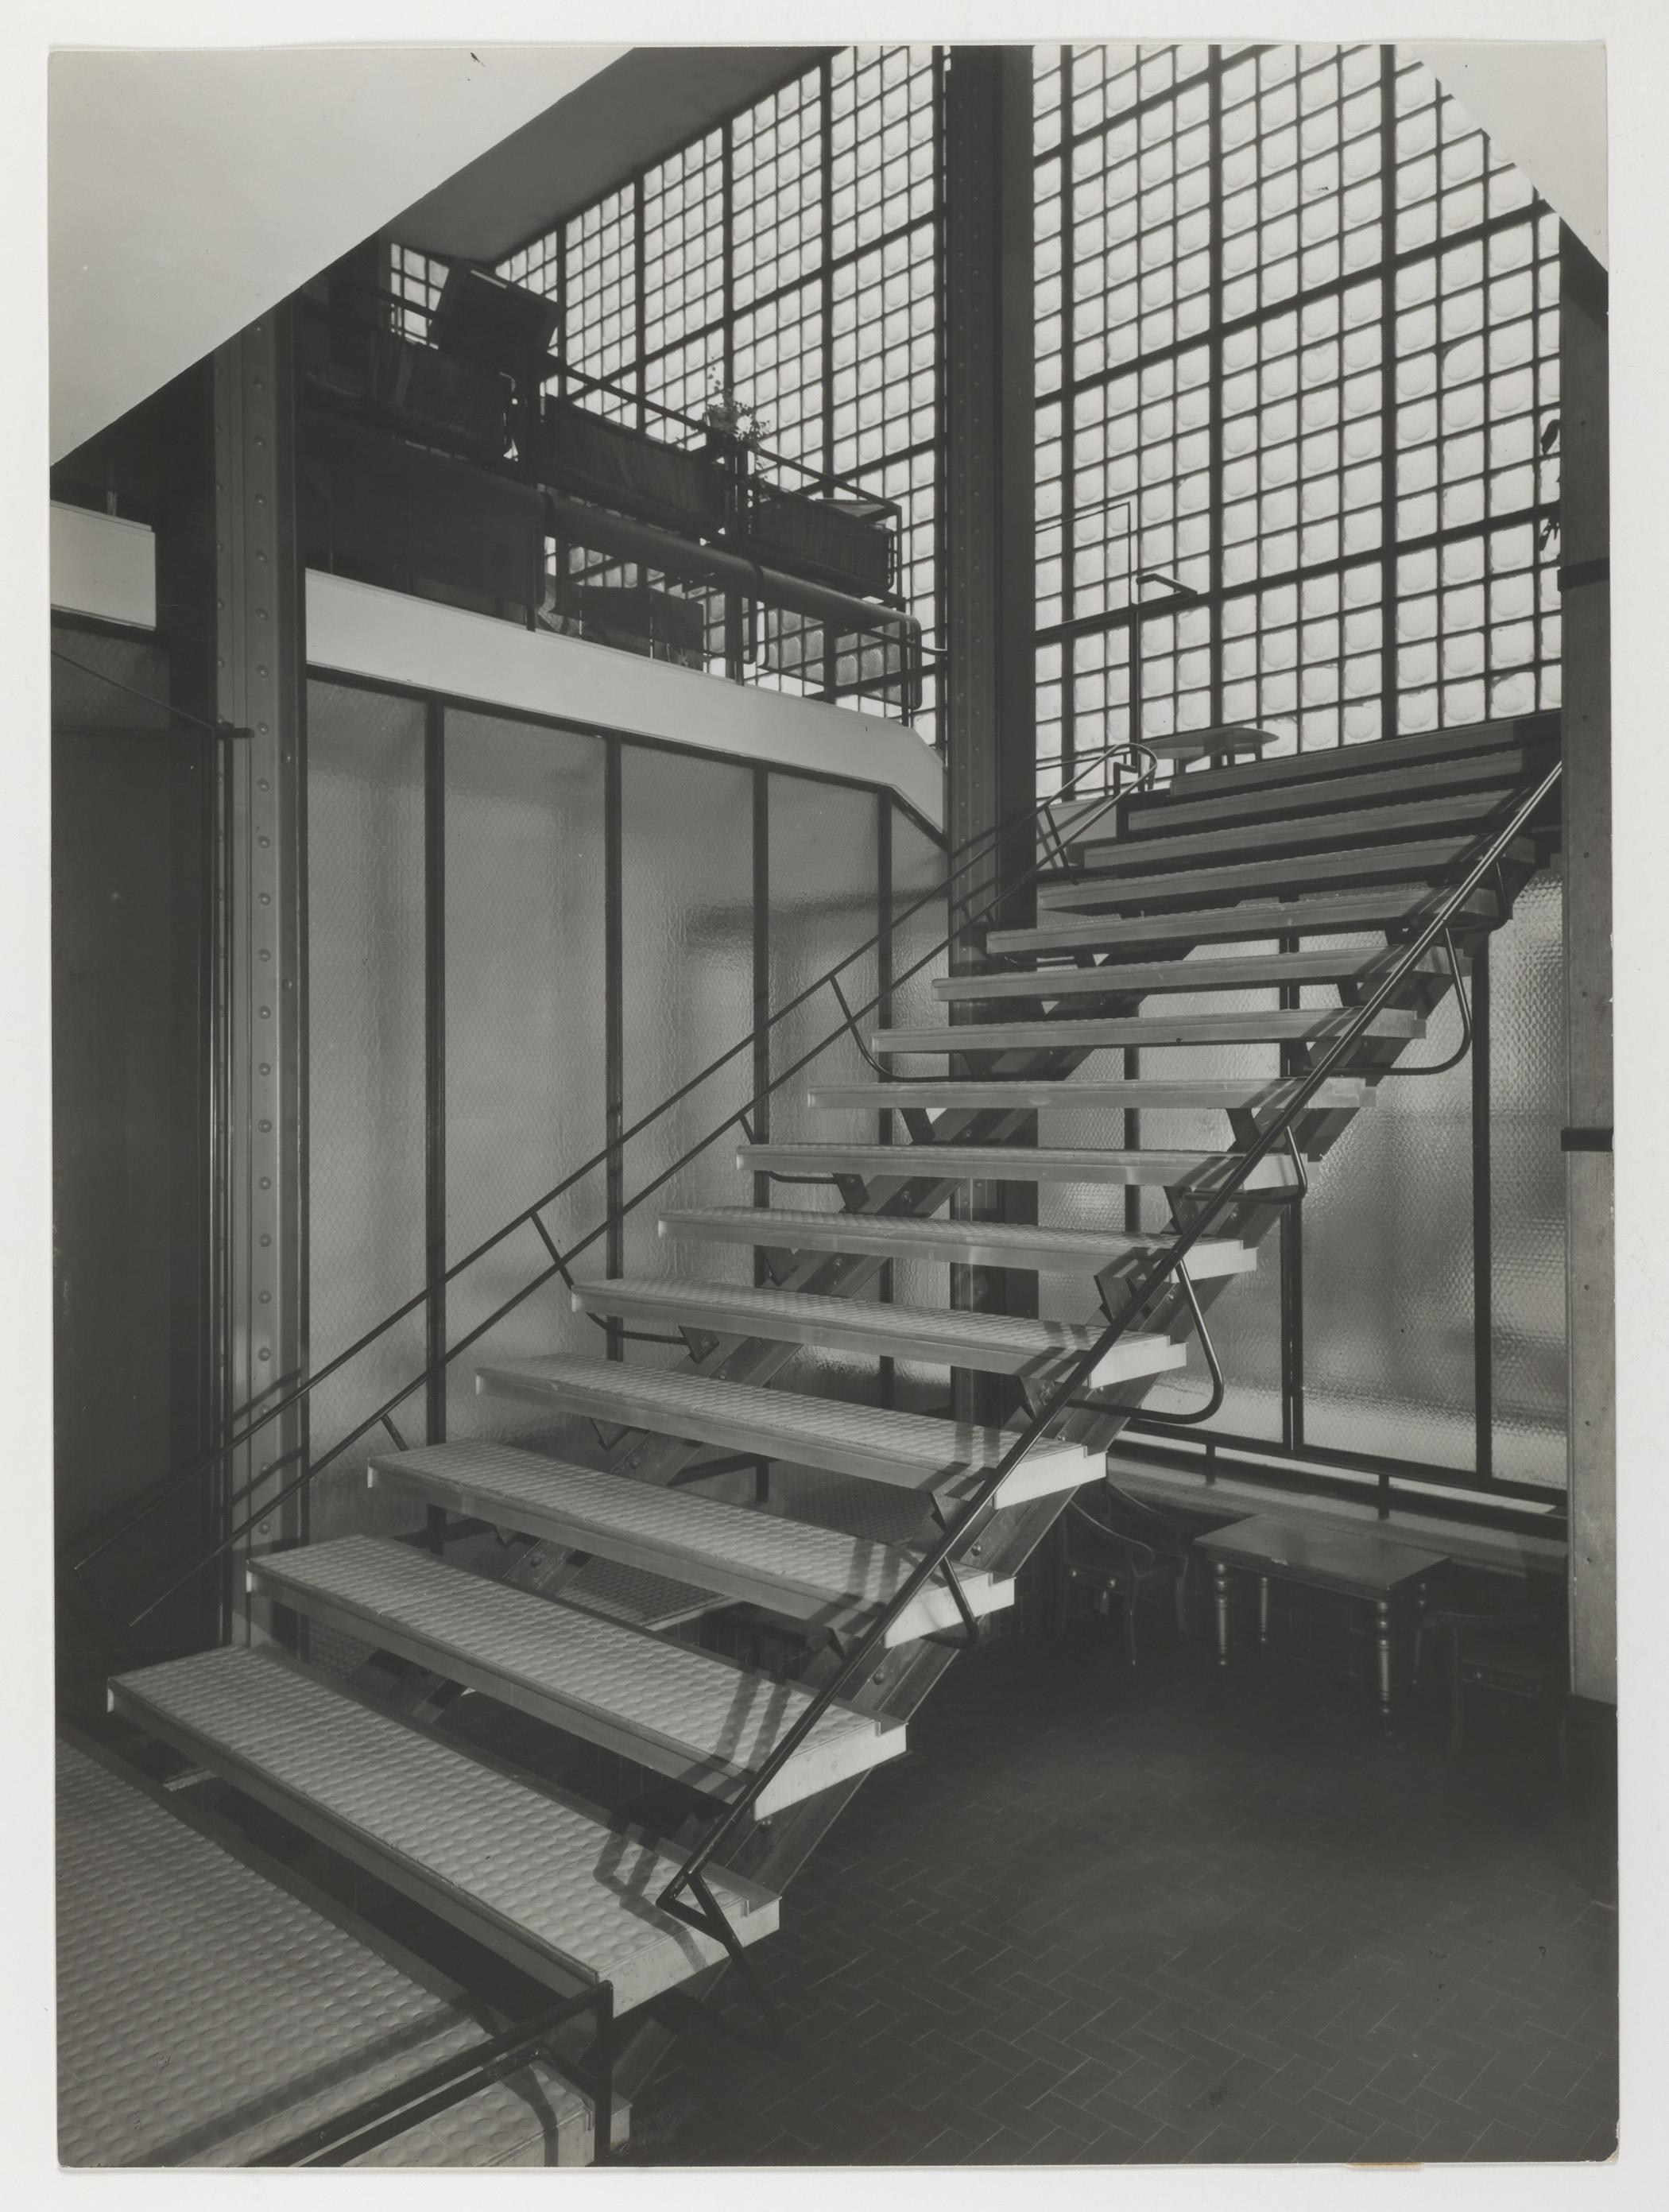 Escalier Dans La Maison la maison de verre, paris (1928-1932)